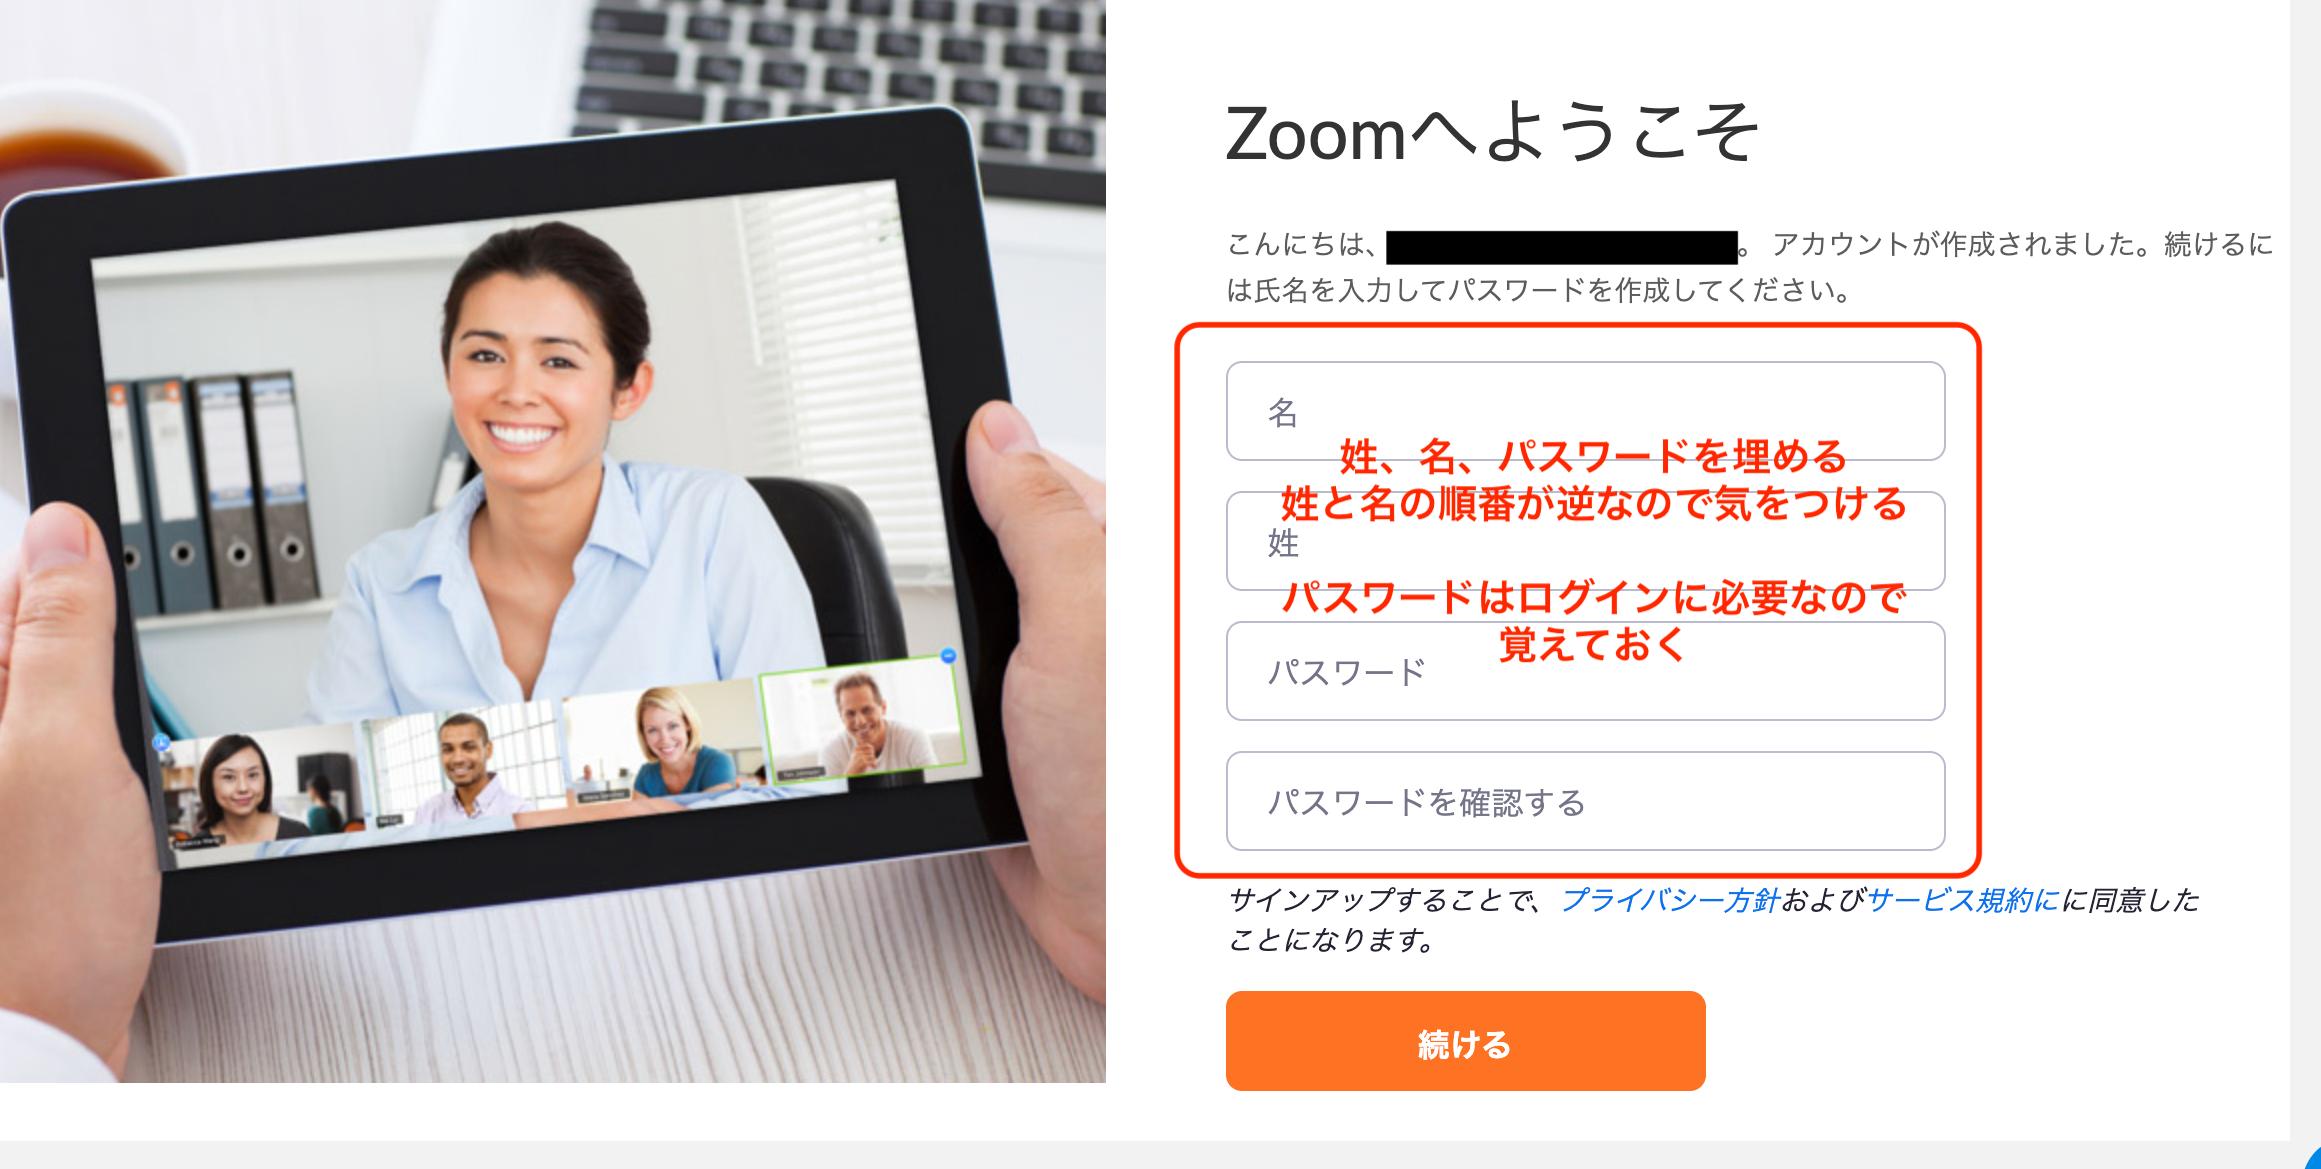 スクリーンショット 2020-04-04 20.08.50.png